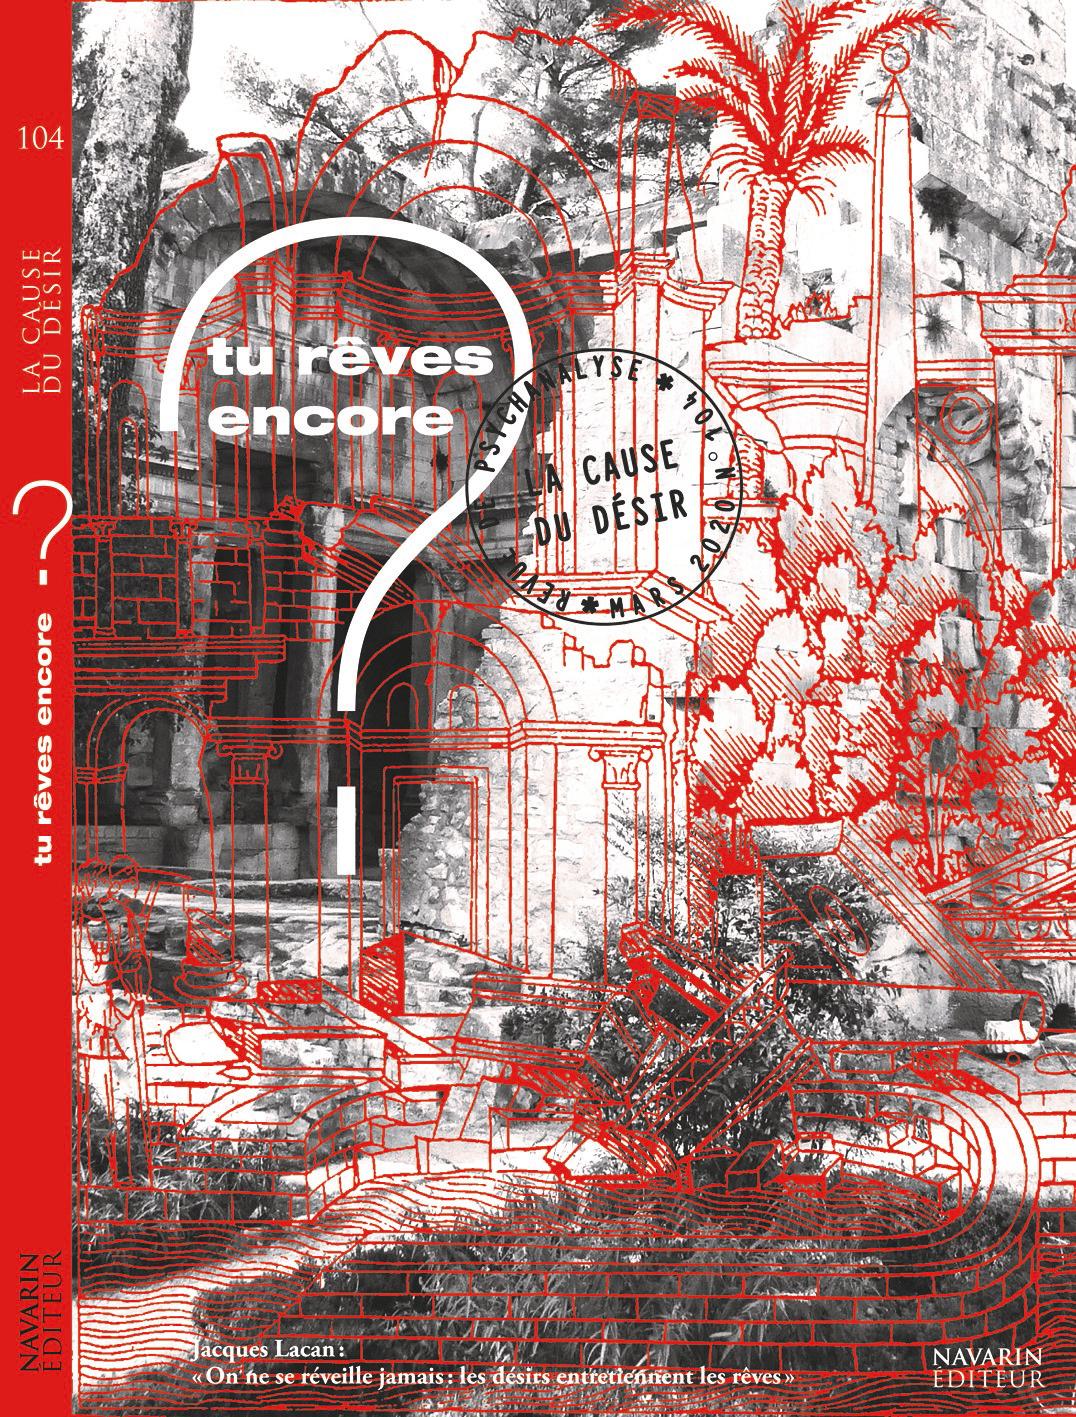 La cause du désir  Dossier «Tu rêves encore?»